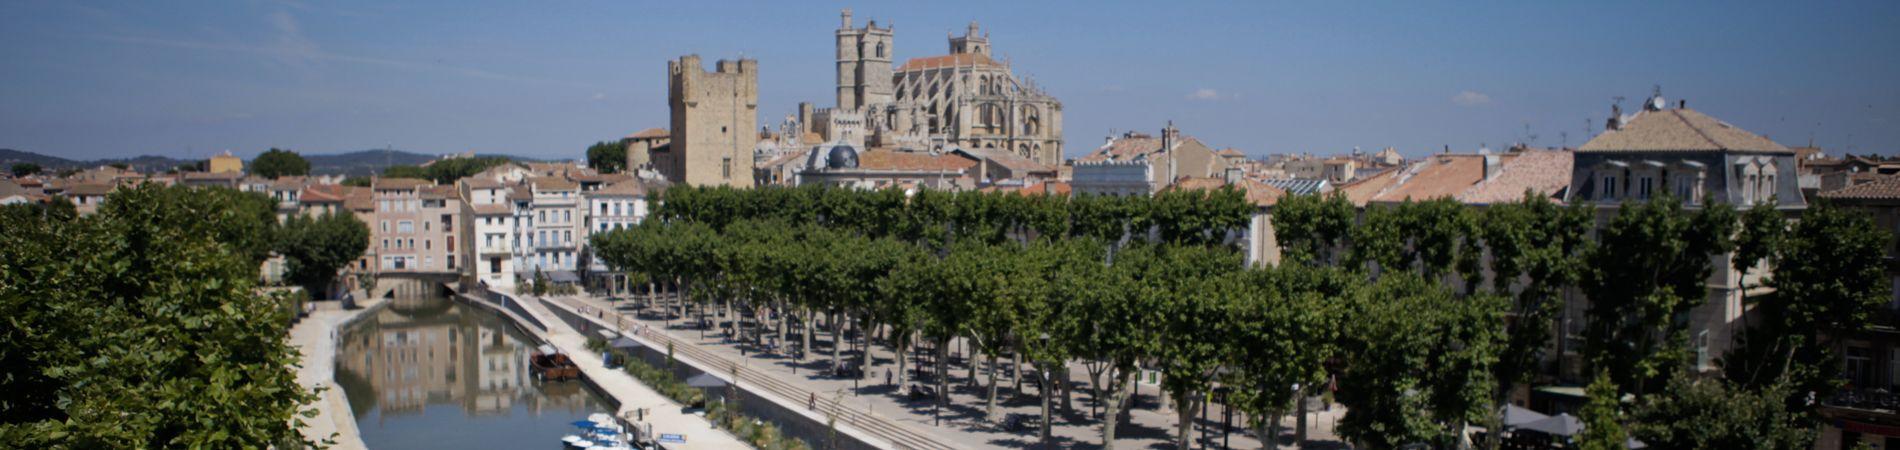 Office de tourisme les grands buffets - Narbonne office de tourisme ...